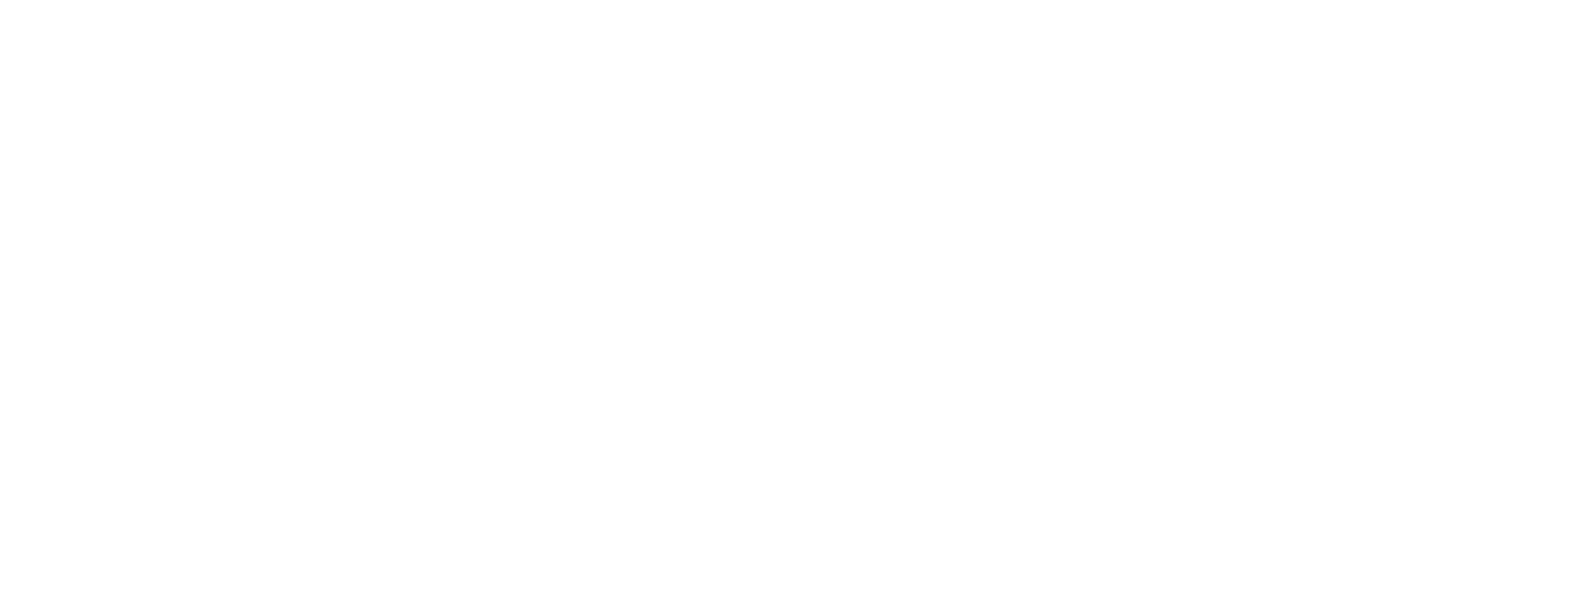 BabaFire Learning